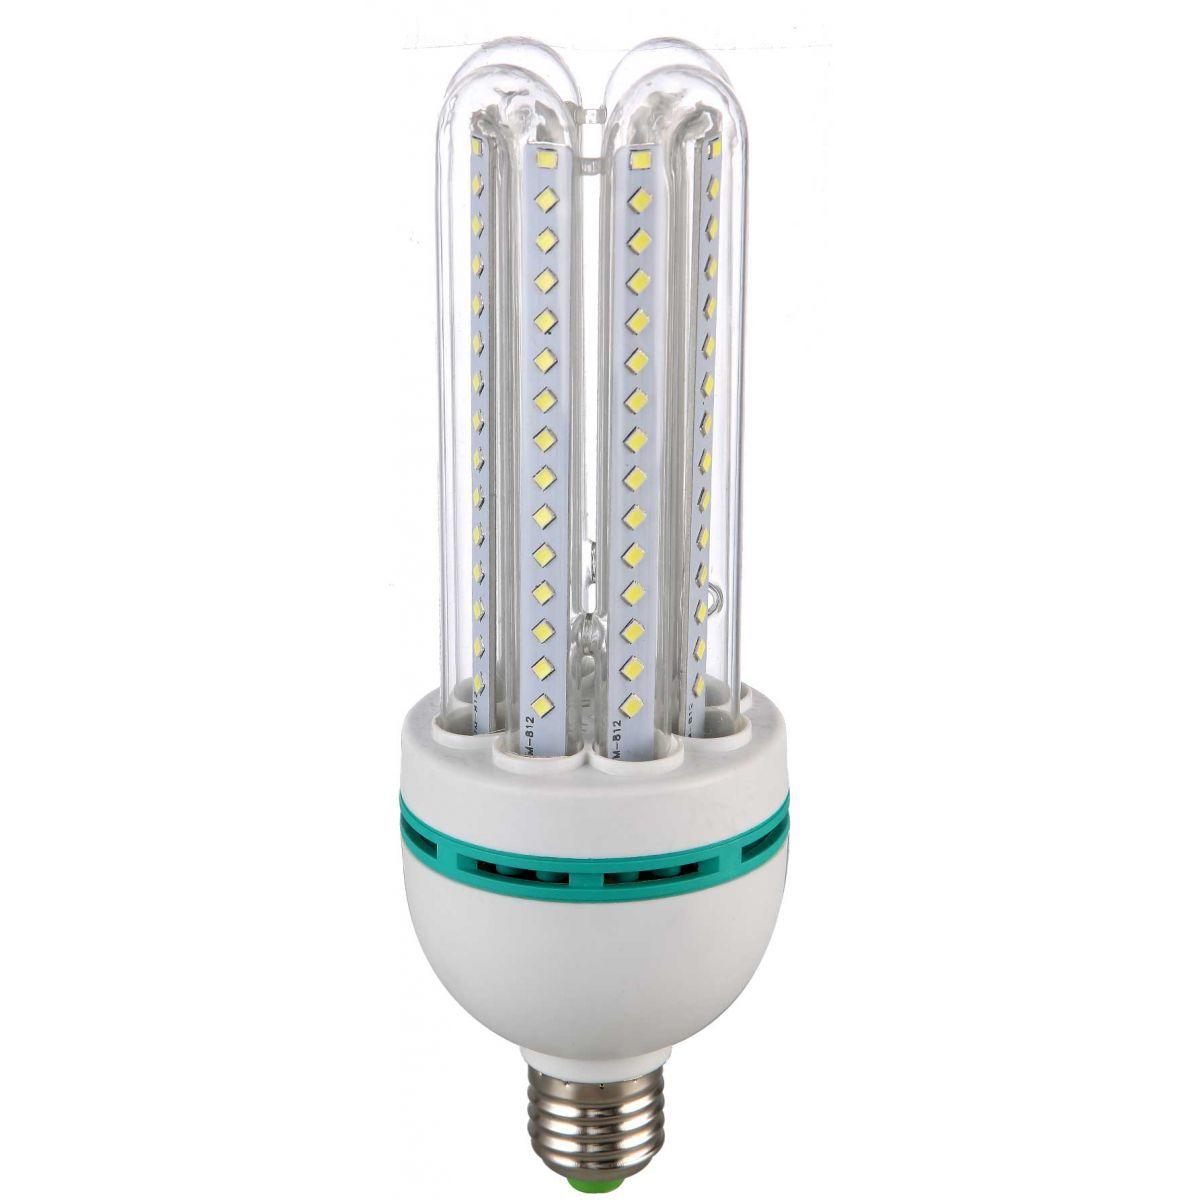 LAMPADA LED COMPACTA 5U 50W E27 BIVOLT - BRANCO FRIO 6000K